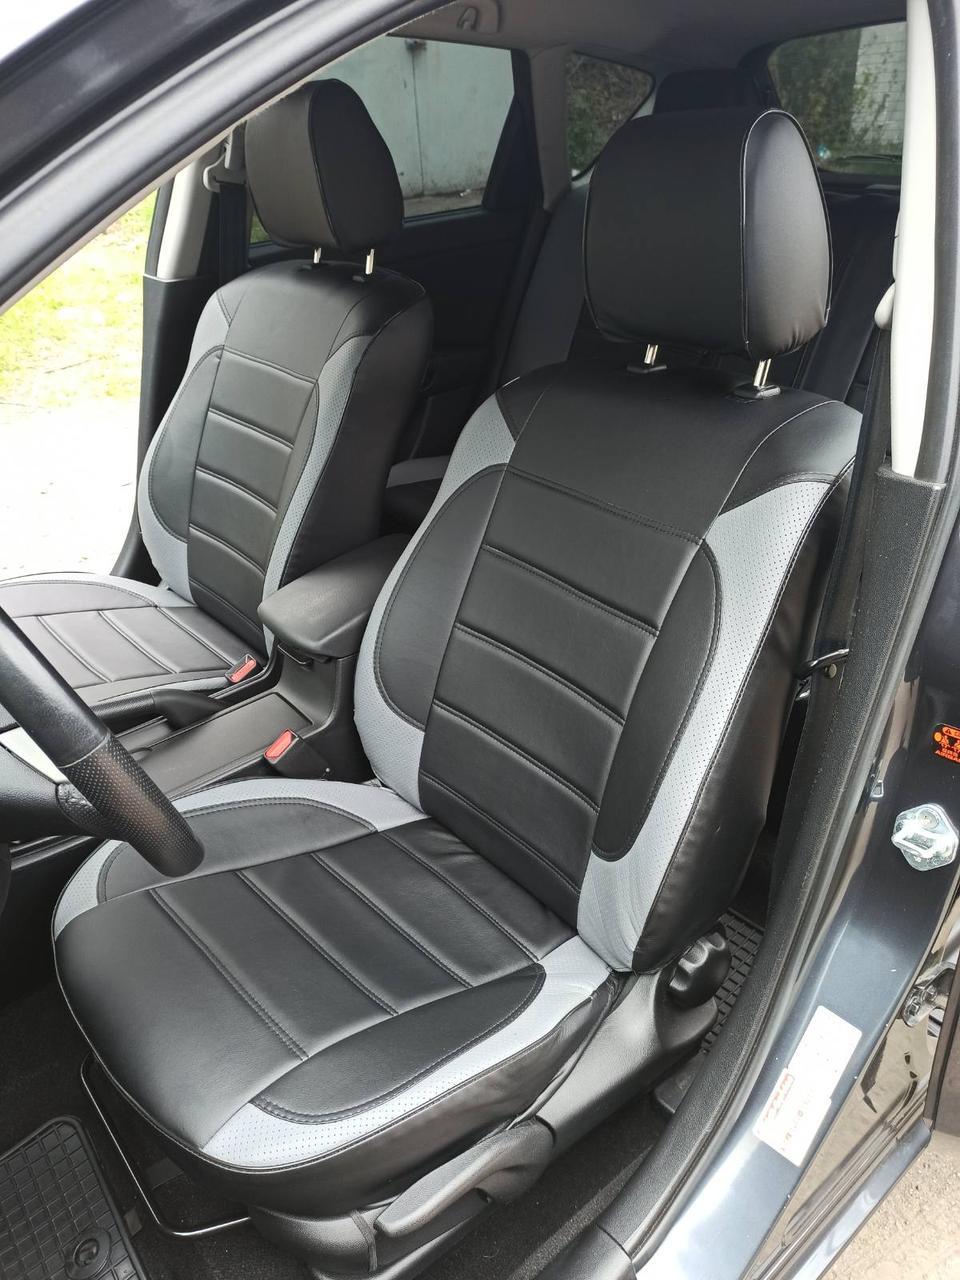 Чехлы на сиденья Тойота Ленд Крузер Прадо 150 модельные MAX-L из экокожи Черно-серый